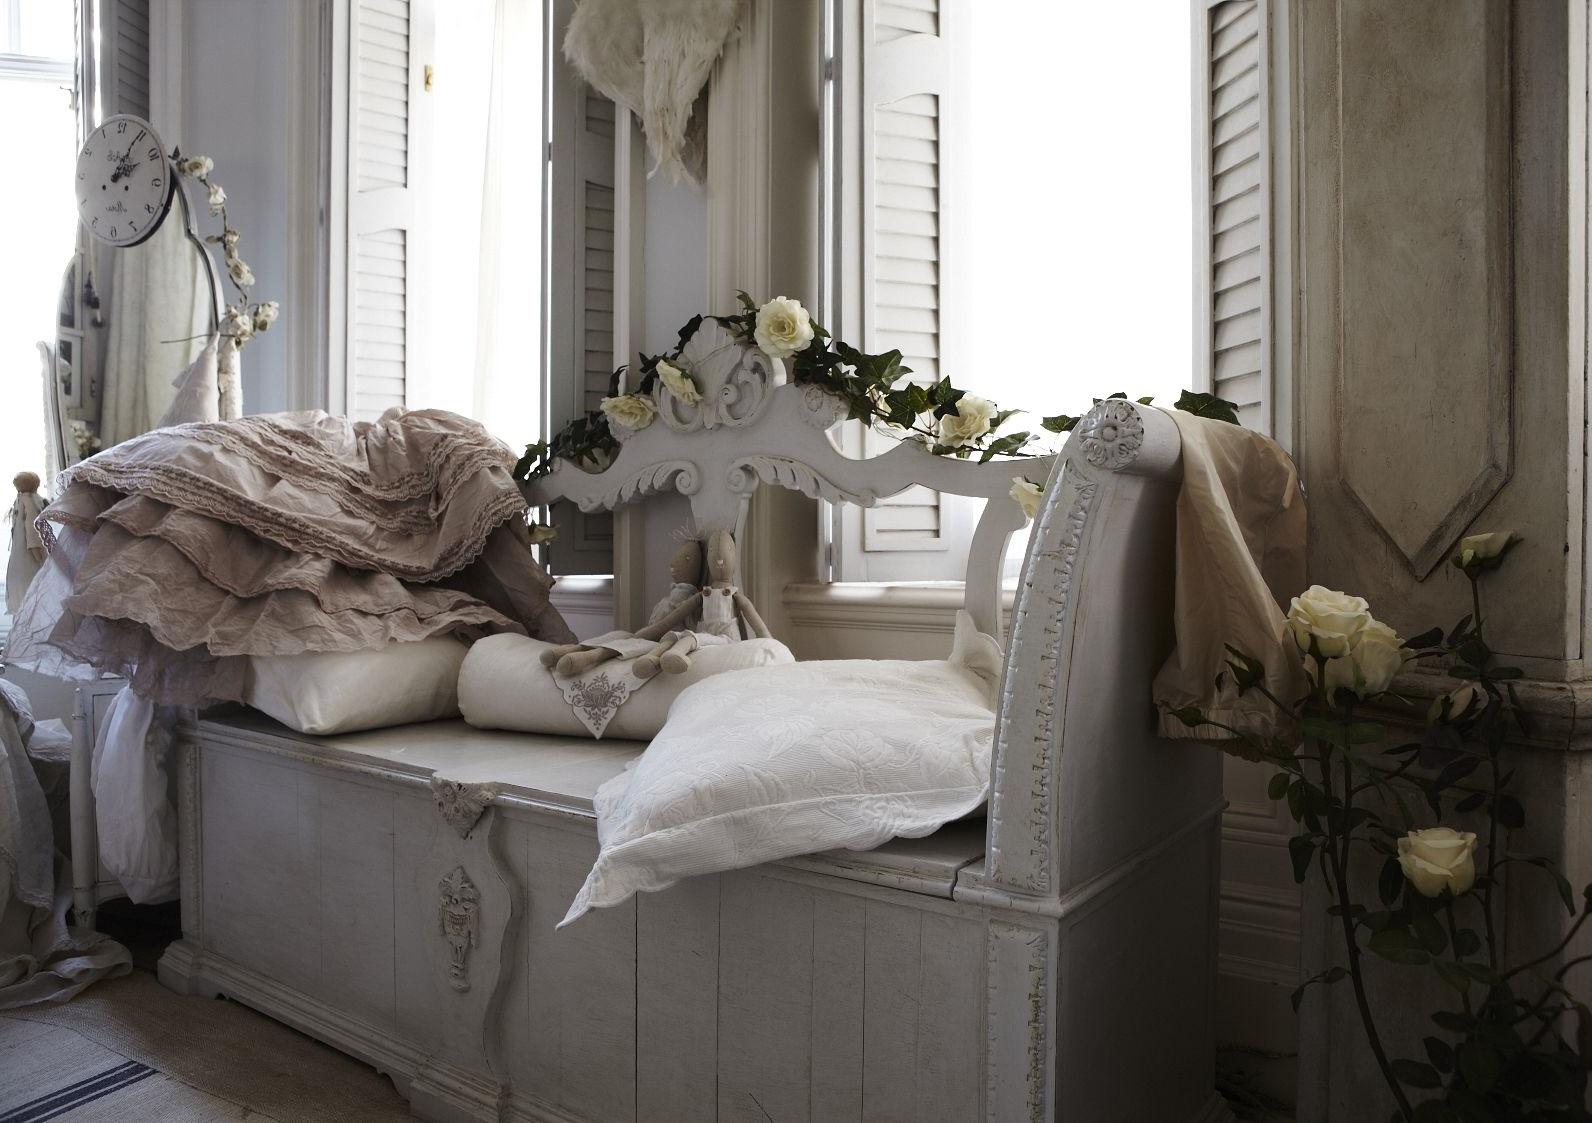 Резной диван в стиле шебби-шик